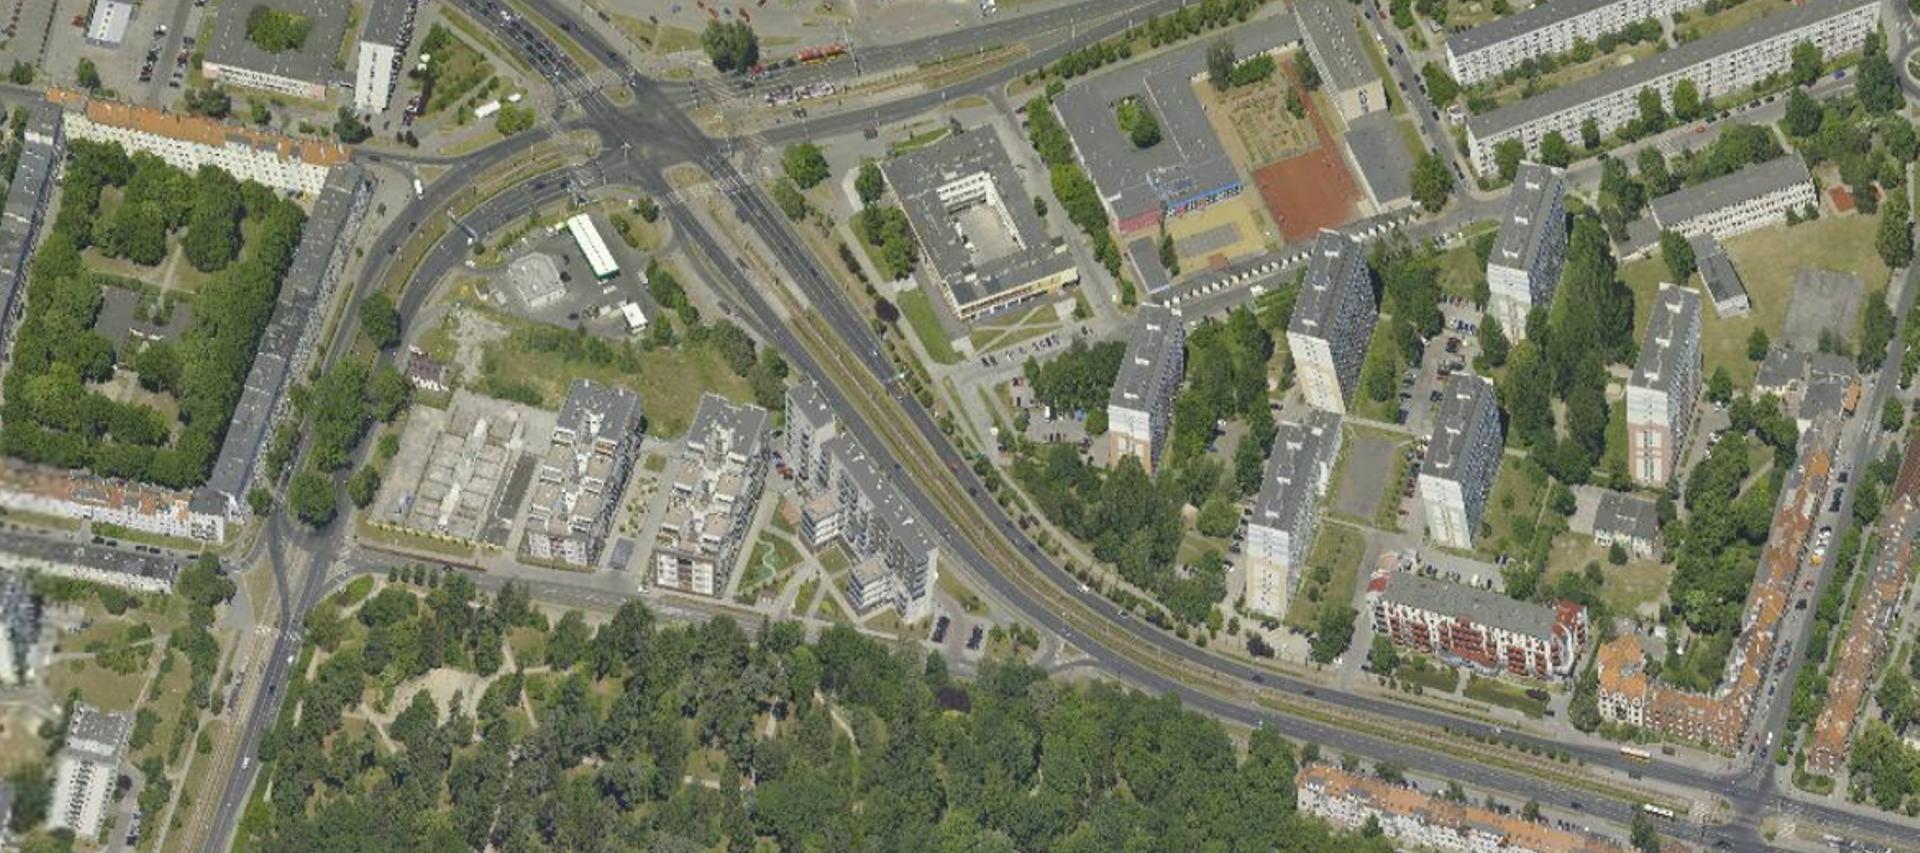 Wrocław: I2 Development planuje na Grabiszynie jeszcze większe osiedle